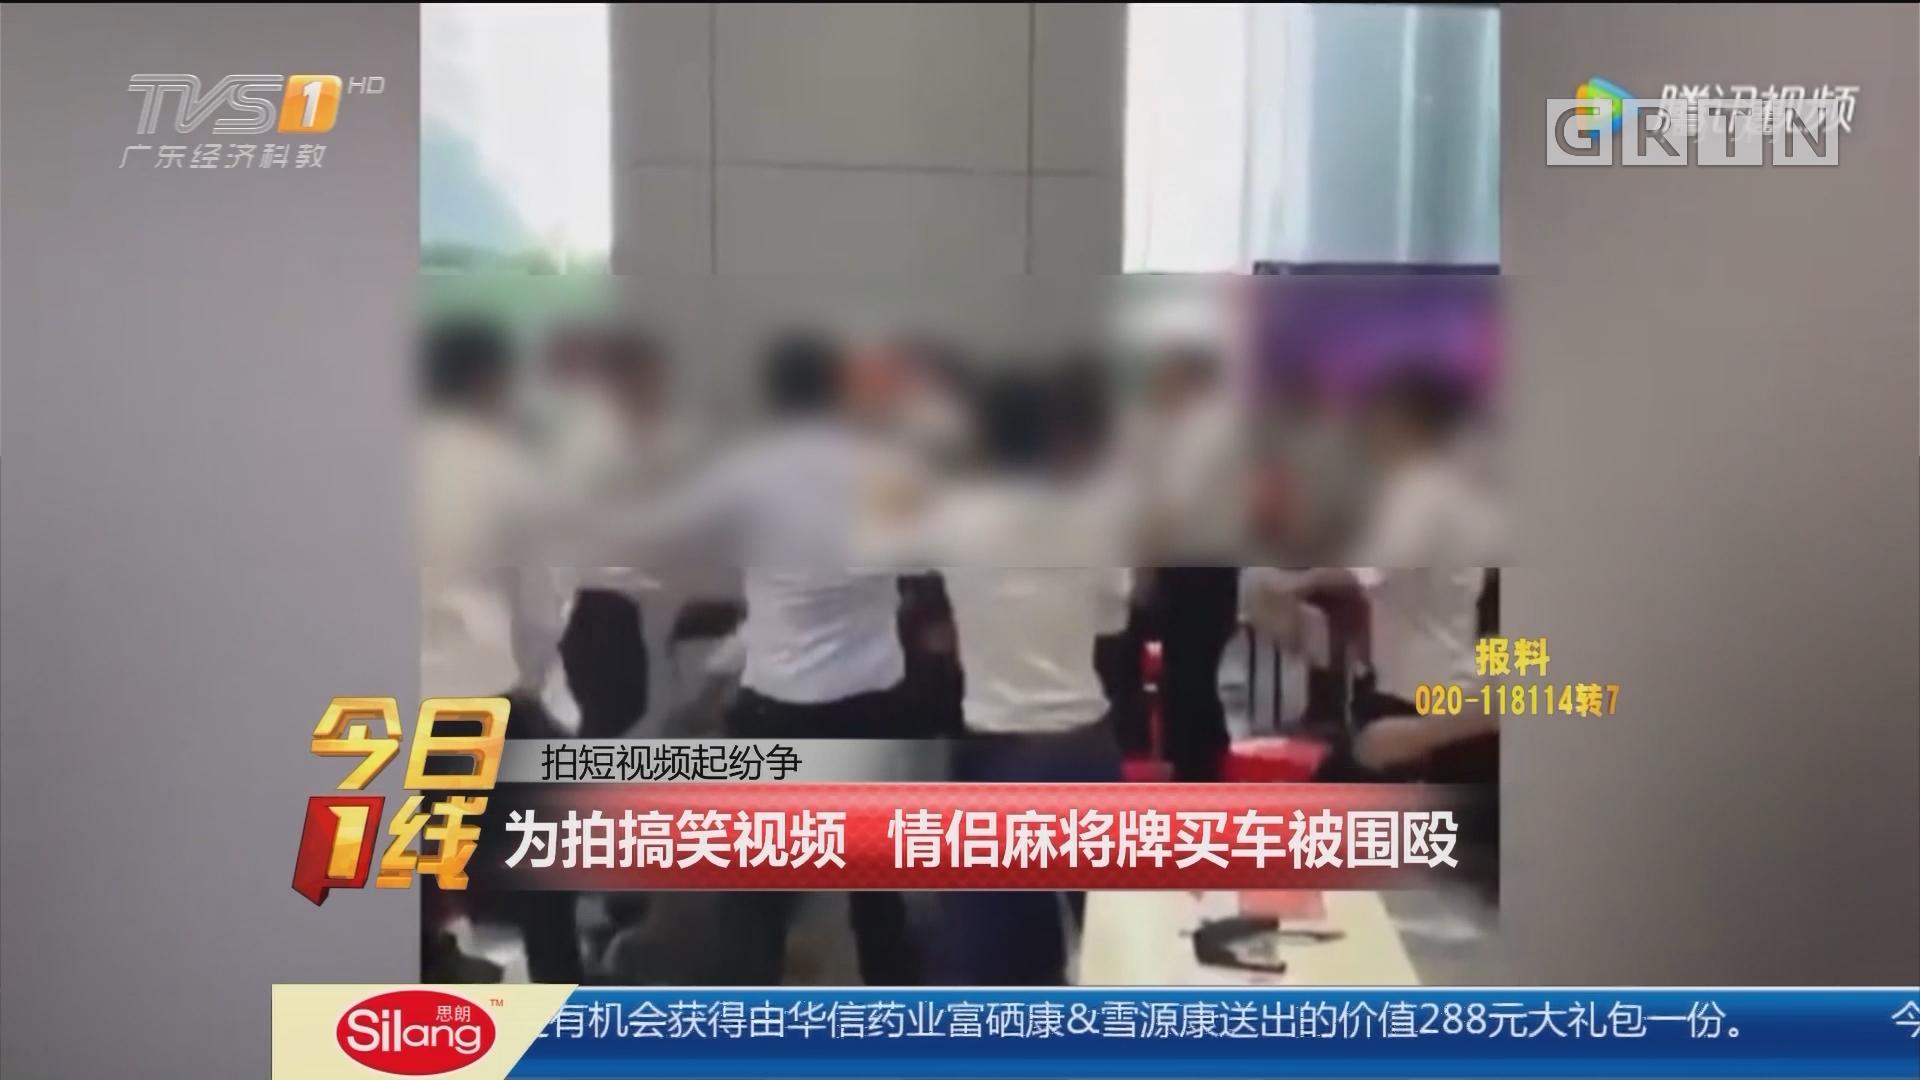 拍短视频起纷争:为拍搞笑视频 情侣麻将牌买车被围殴